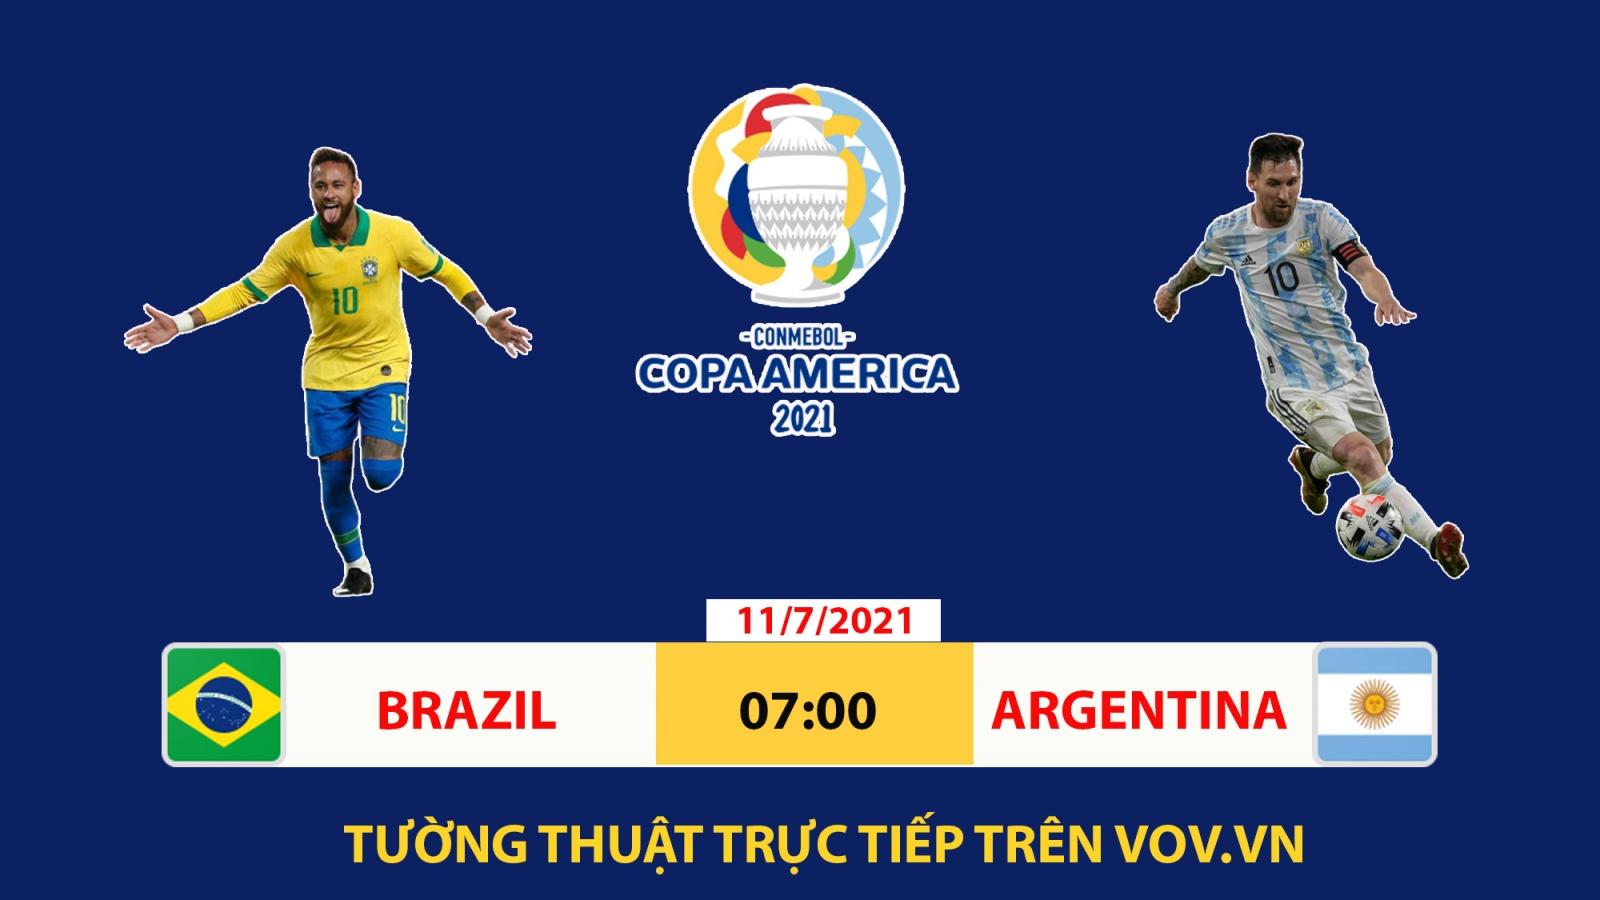 Lịch thi đấu chung kết Copa America 2021: Brazil quyết đấu Argentina